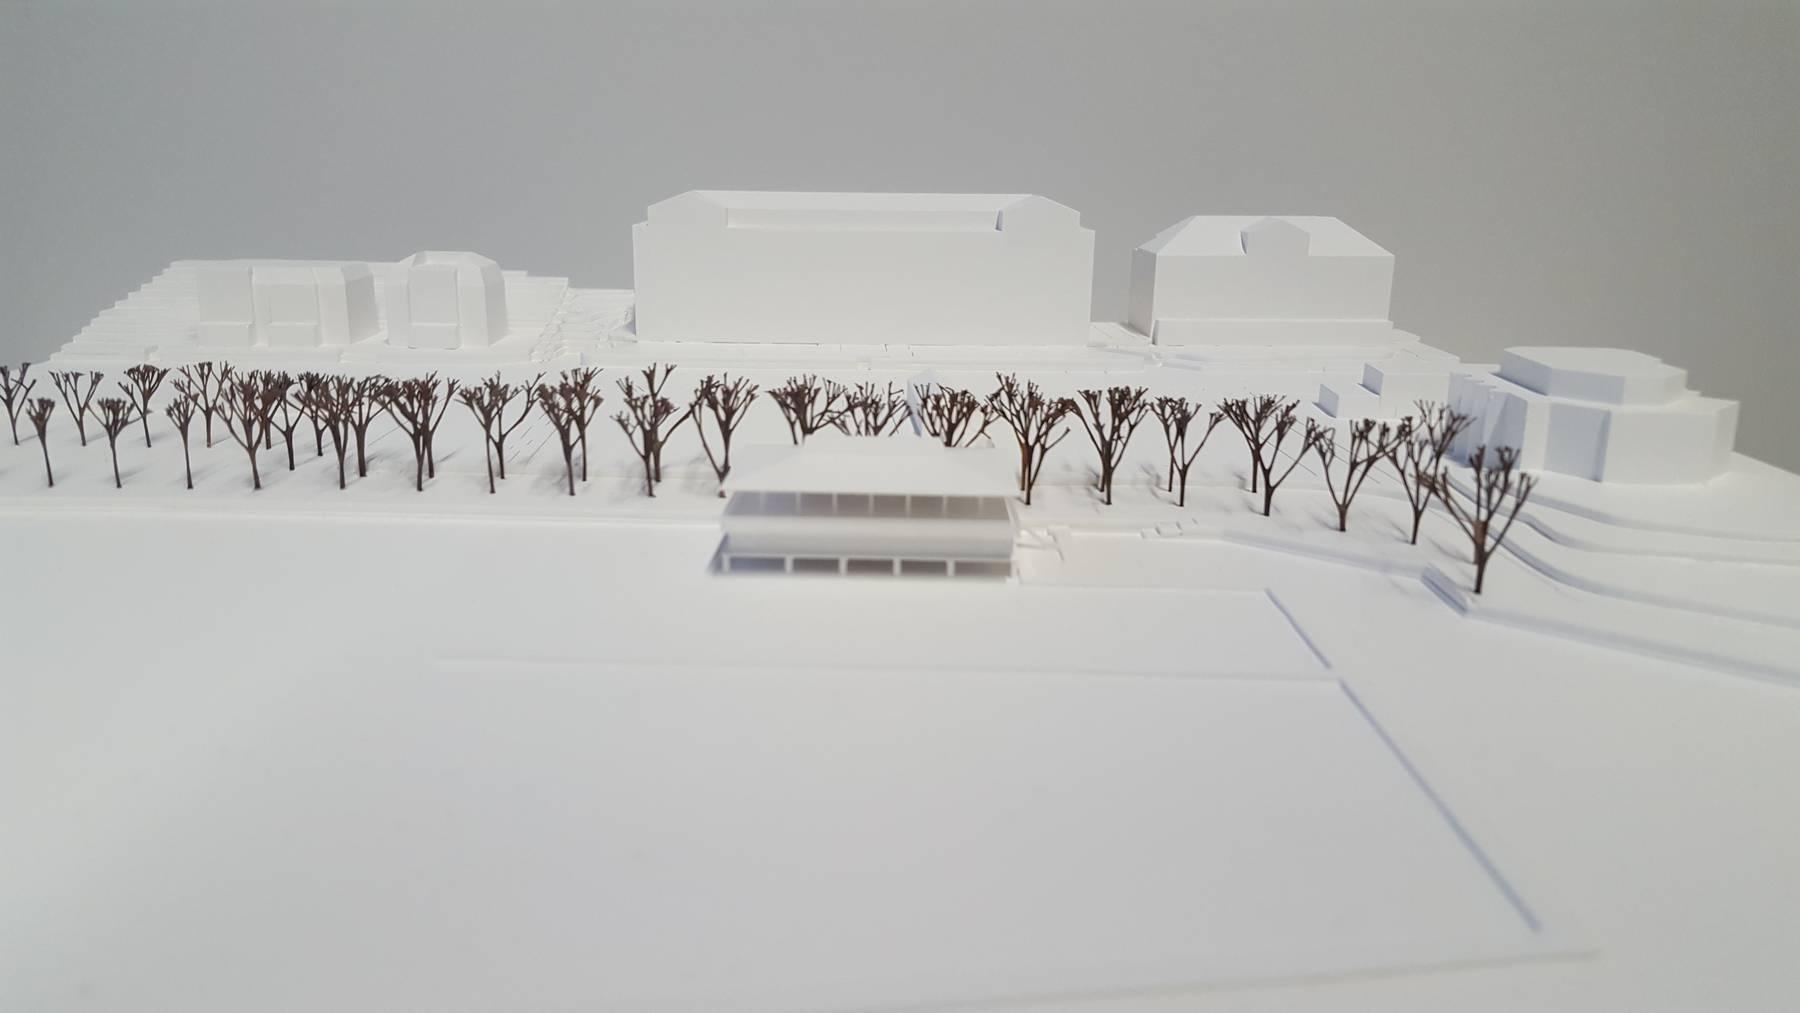 Modelle des geplanten Seerestaurants und Yachtclubs